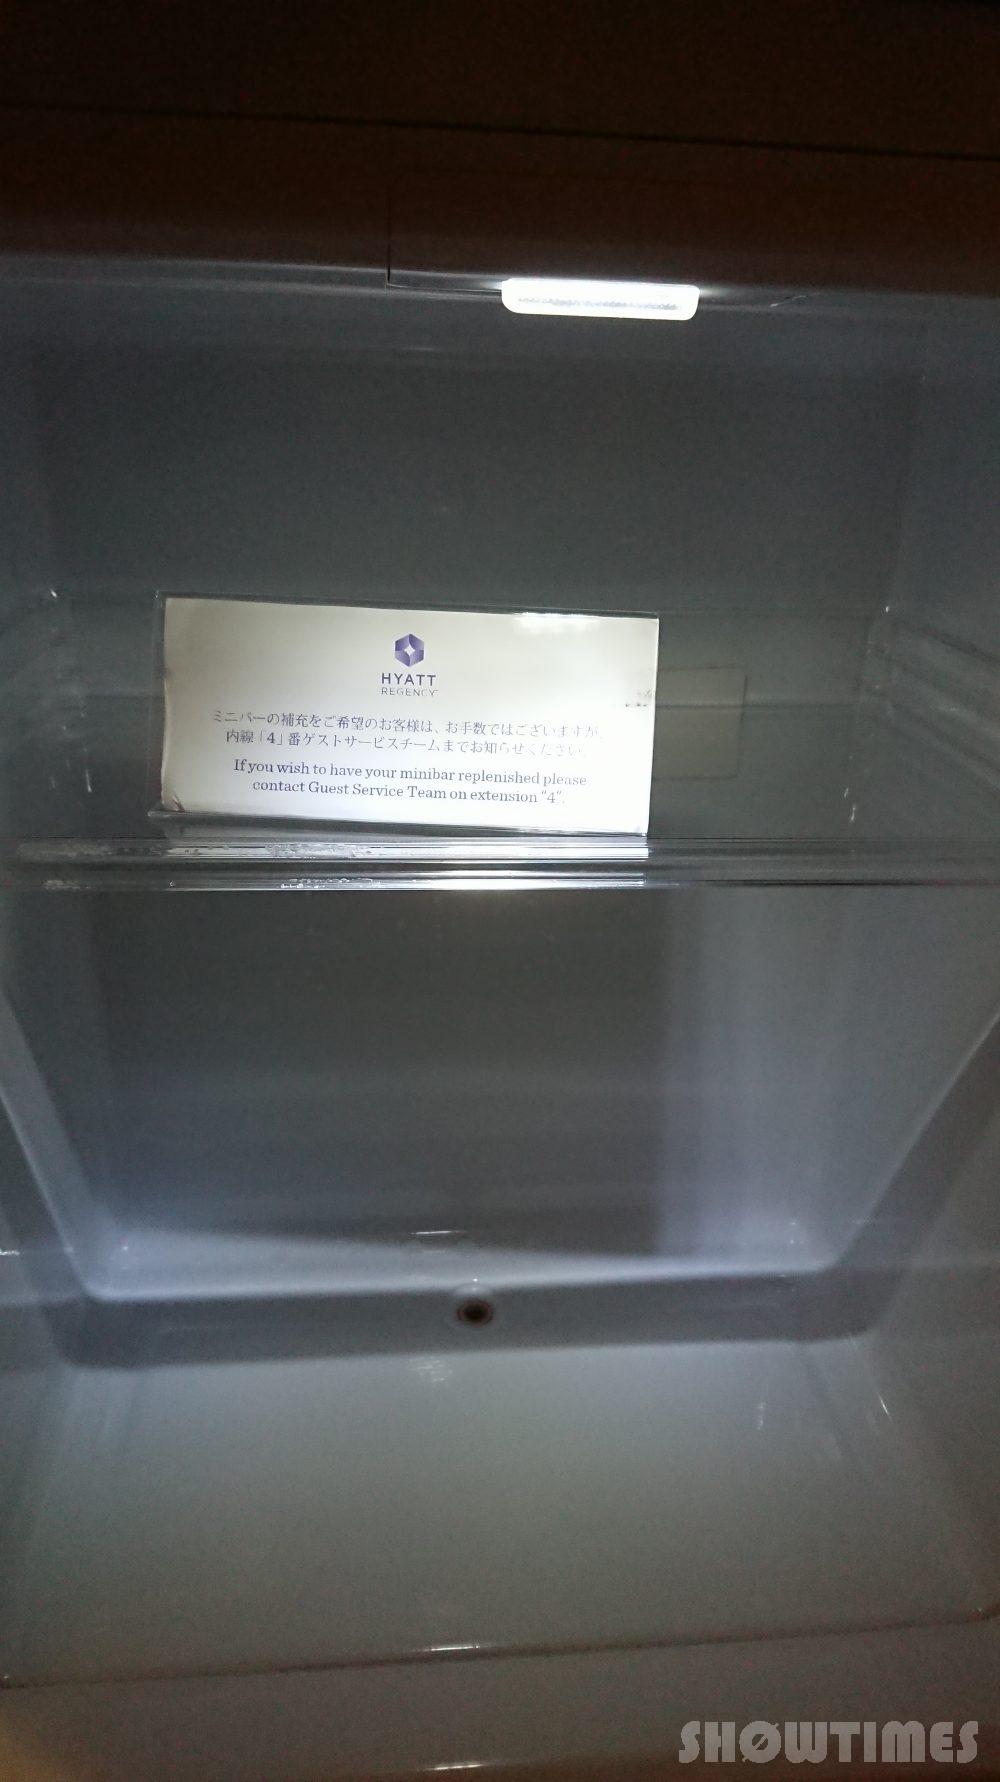 ハイアットリージェンシー大阪デラックスツインルームのミニバー冷蔵庫